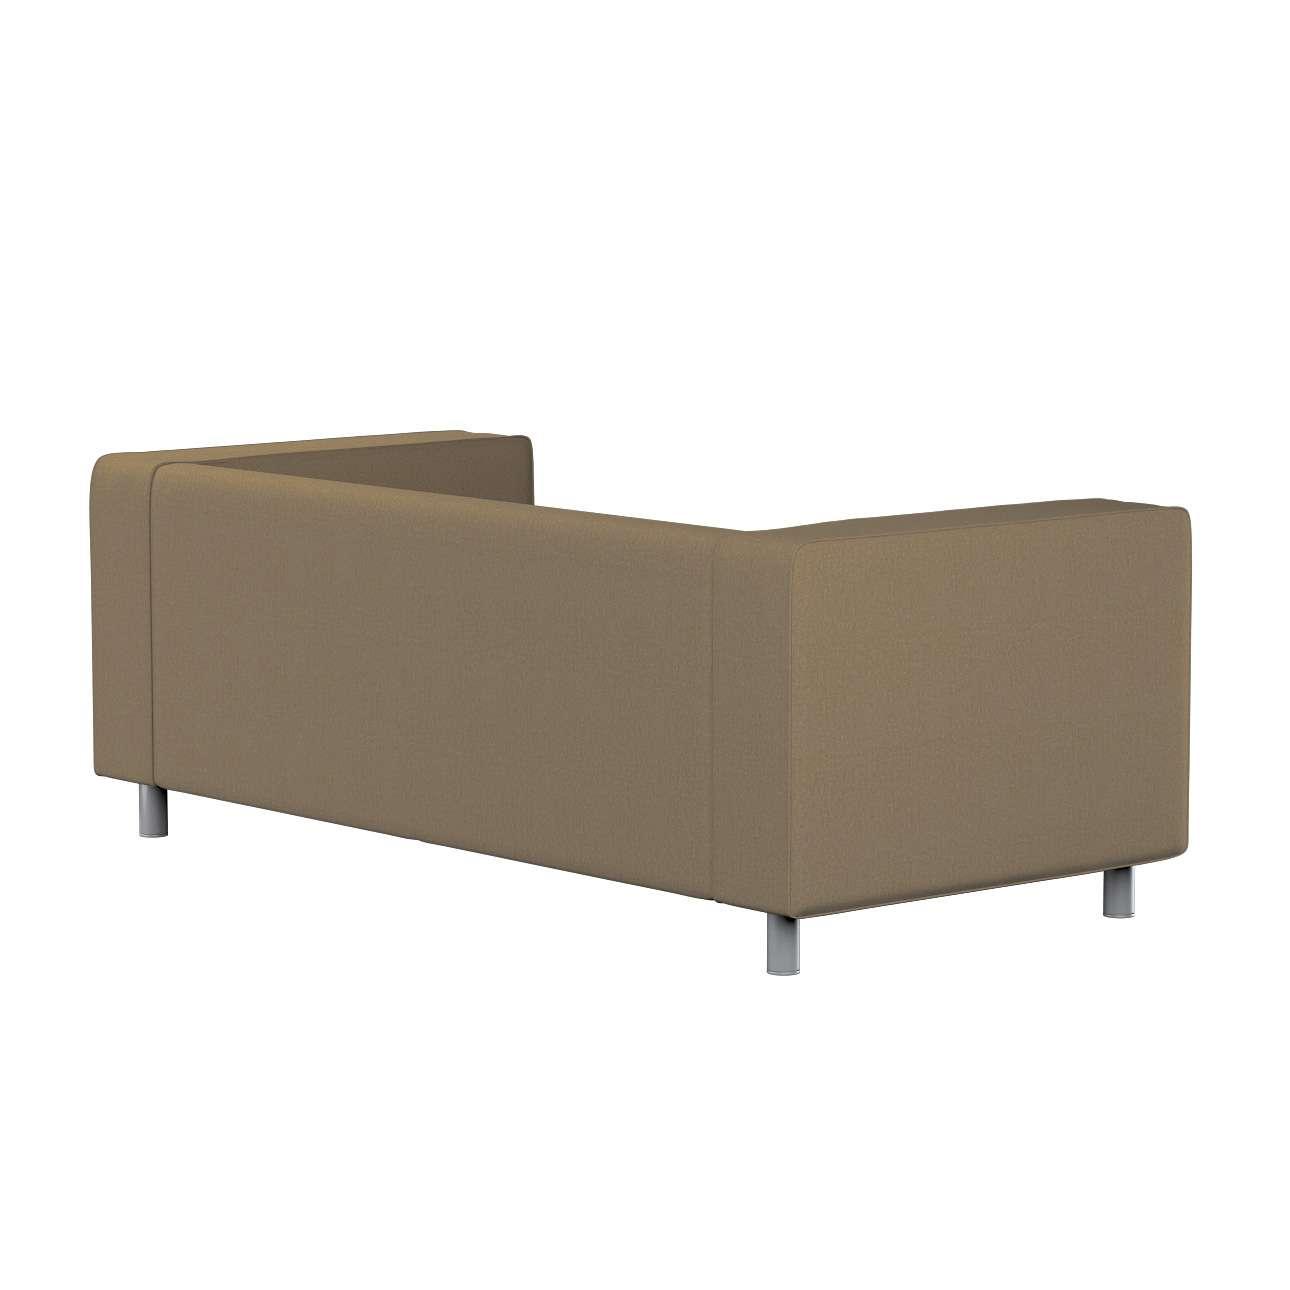 KLIPPAN dvivietės sofos užvalkalas kolekcijoje Chenille, audinys: 702-21